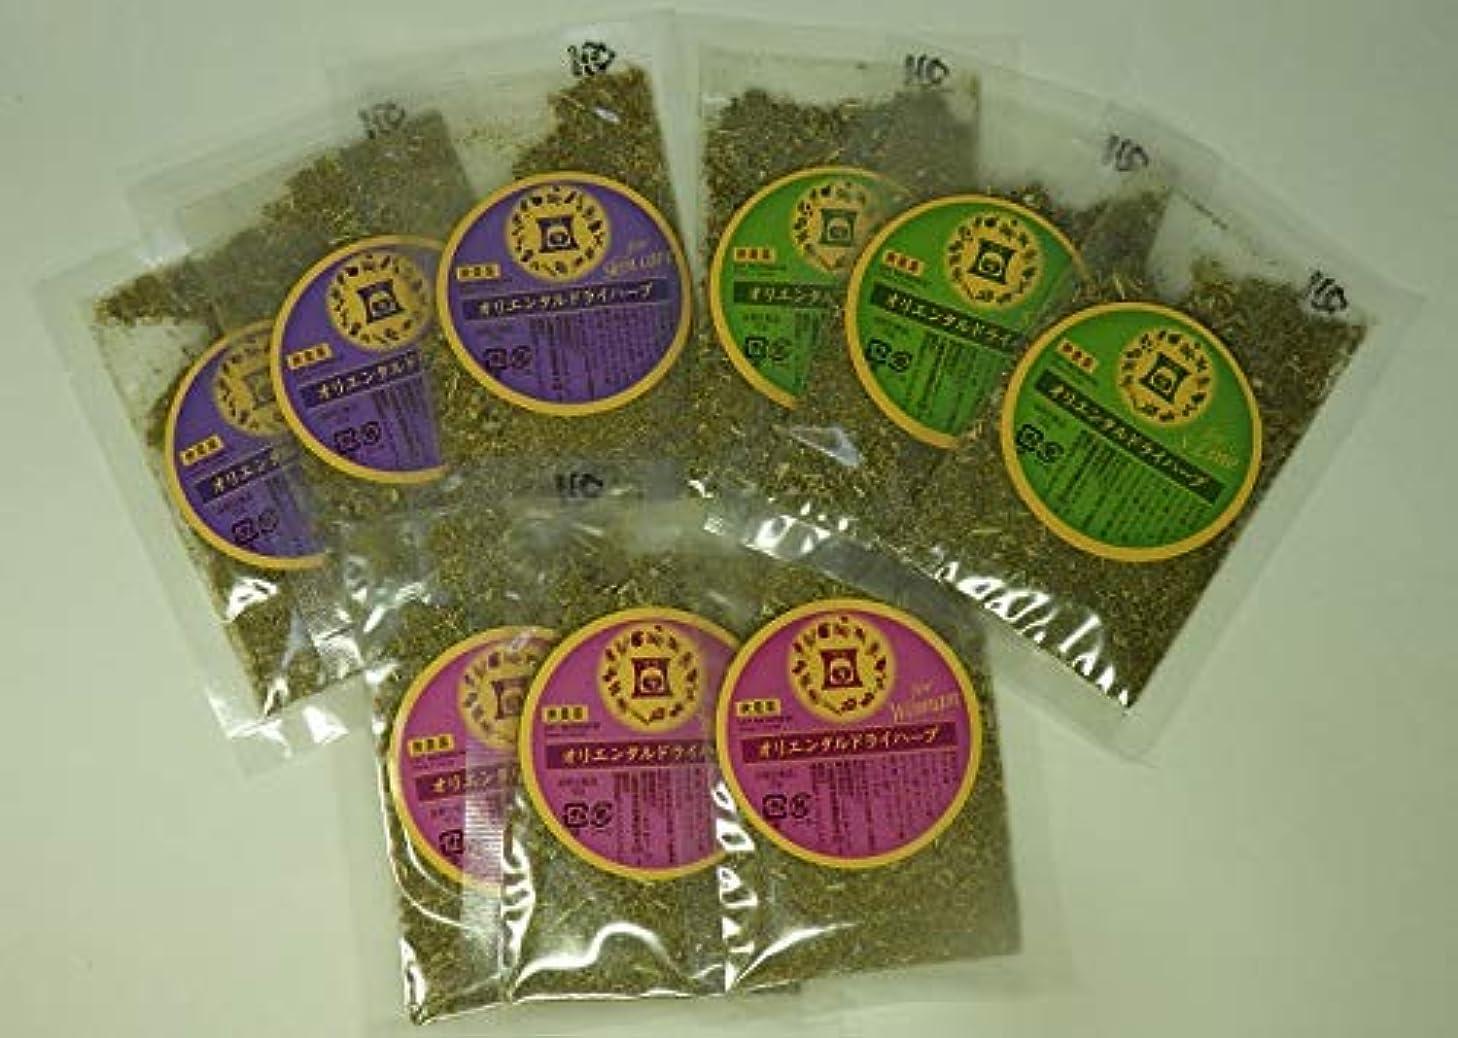 ボーナスラグキルトファンジン黄土 座浴剤 9袋 正規品 (3種(ダイエット、女性、皮膚美容)各3 計9袋)